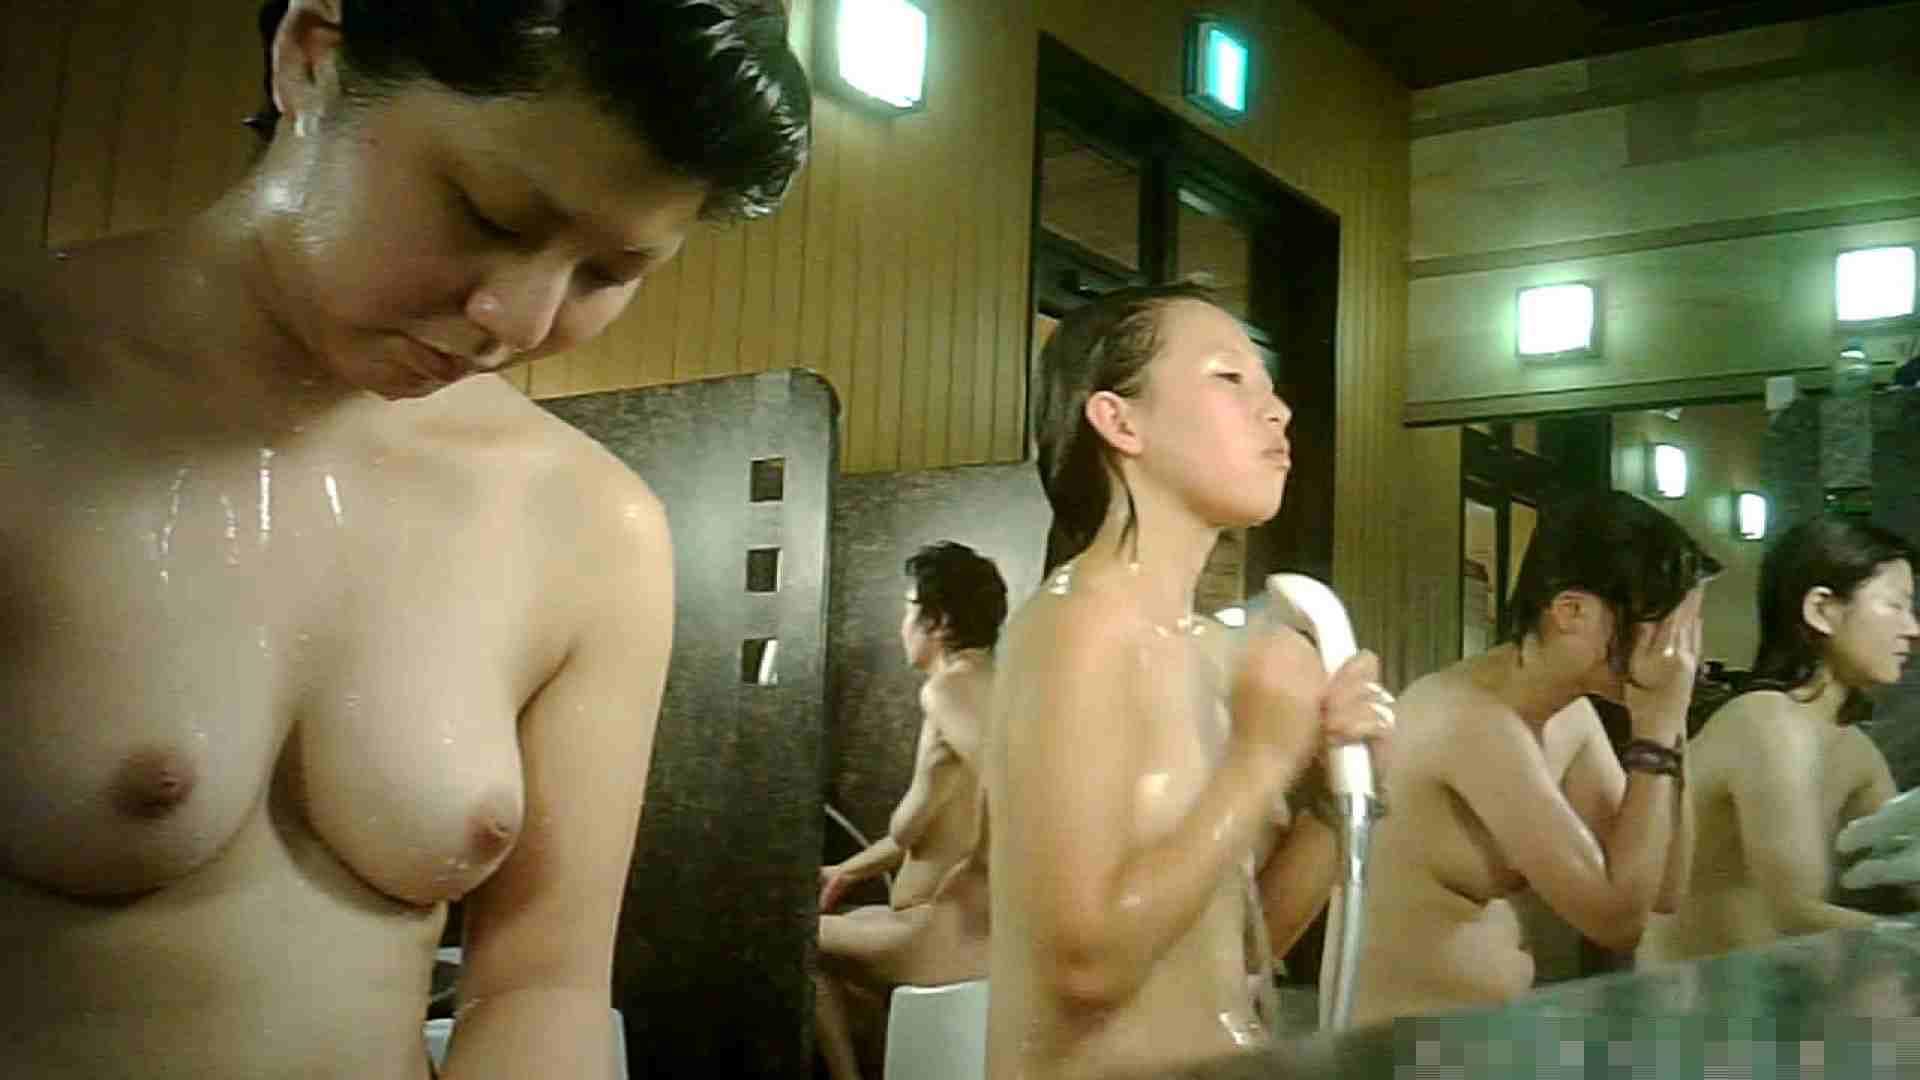 No.7 洗い場!!最近の嬢はオッパイ綺麗です。こちらも8個! むっちりガール おめこ無修正画像 93枚 77